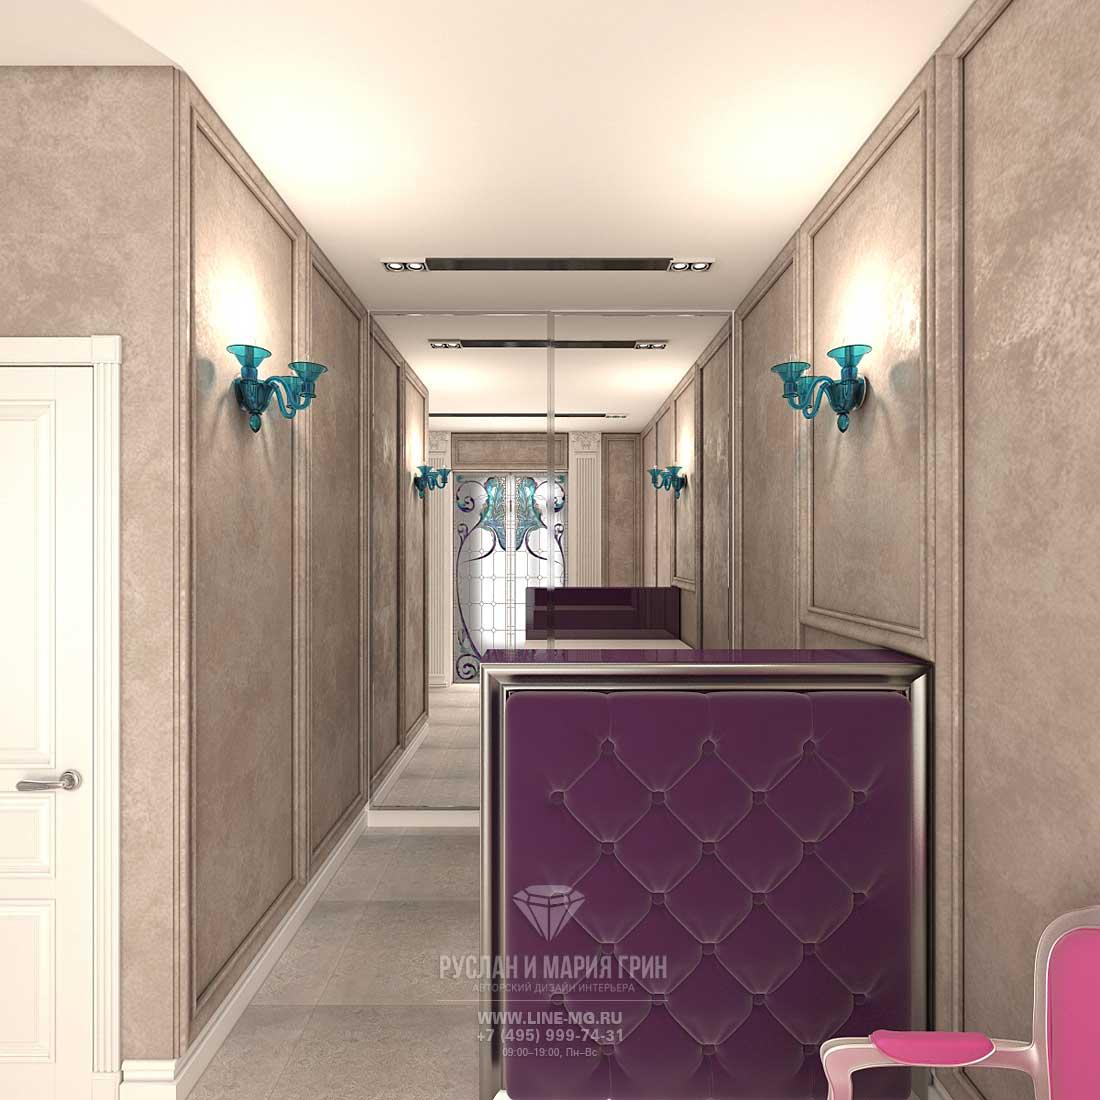 Дизайн зоны ресепшн в салоне красоты